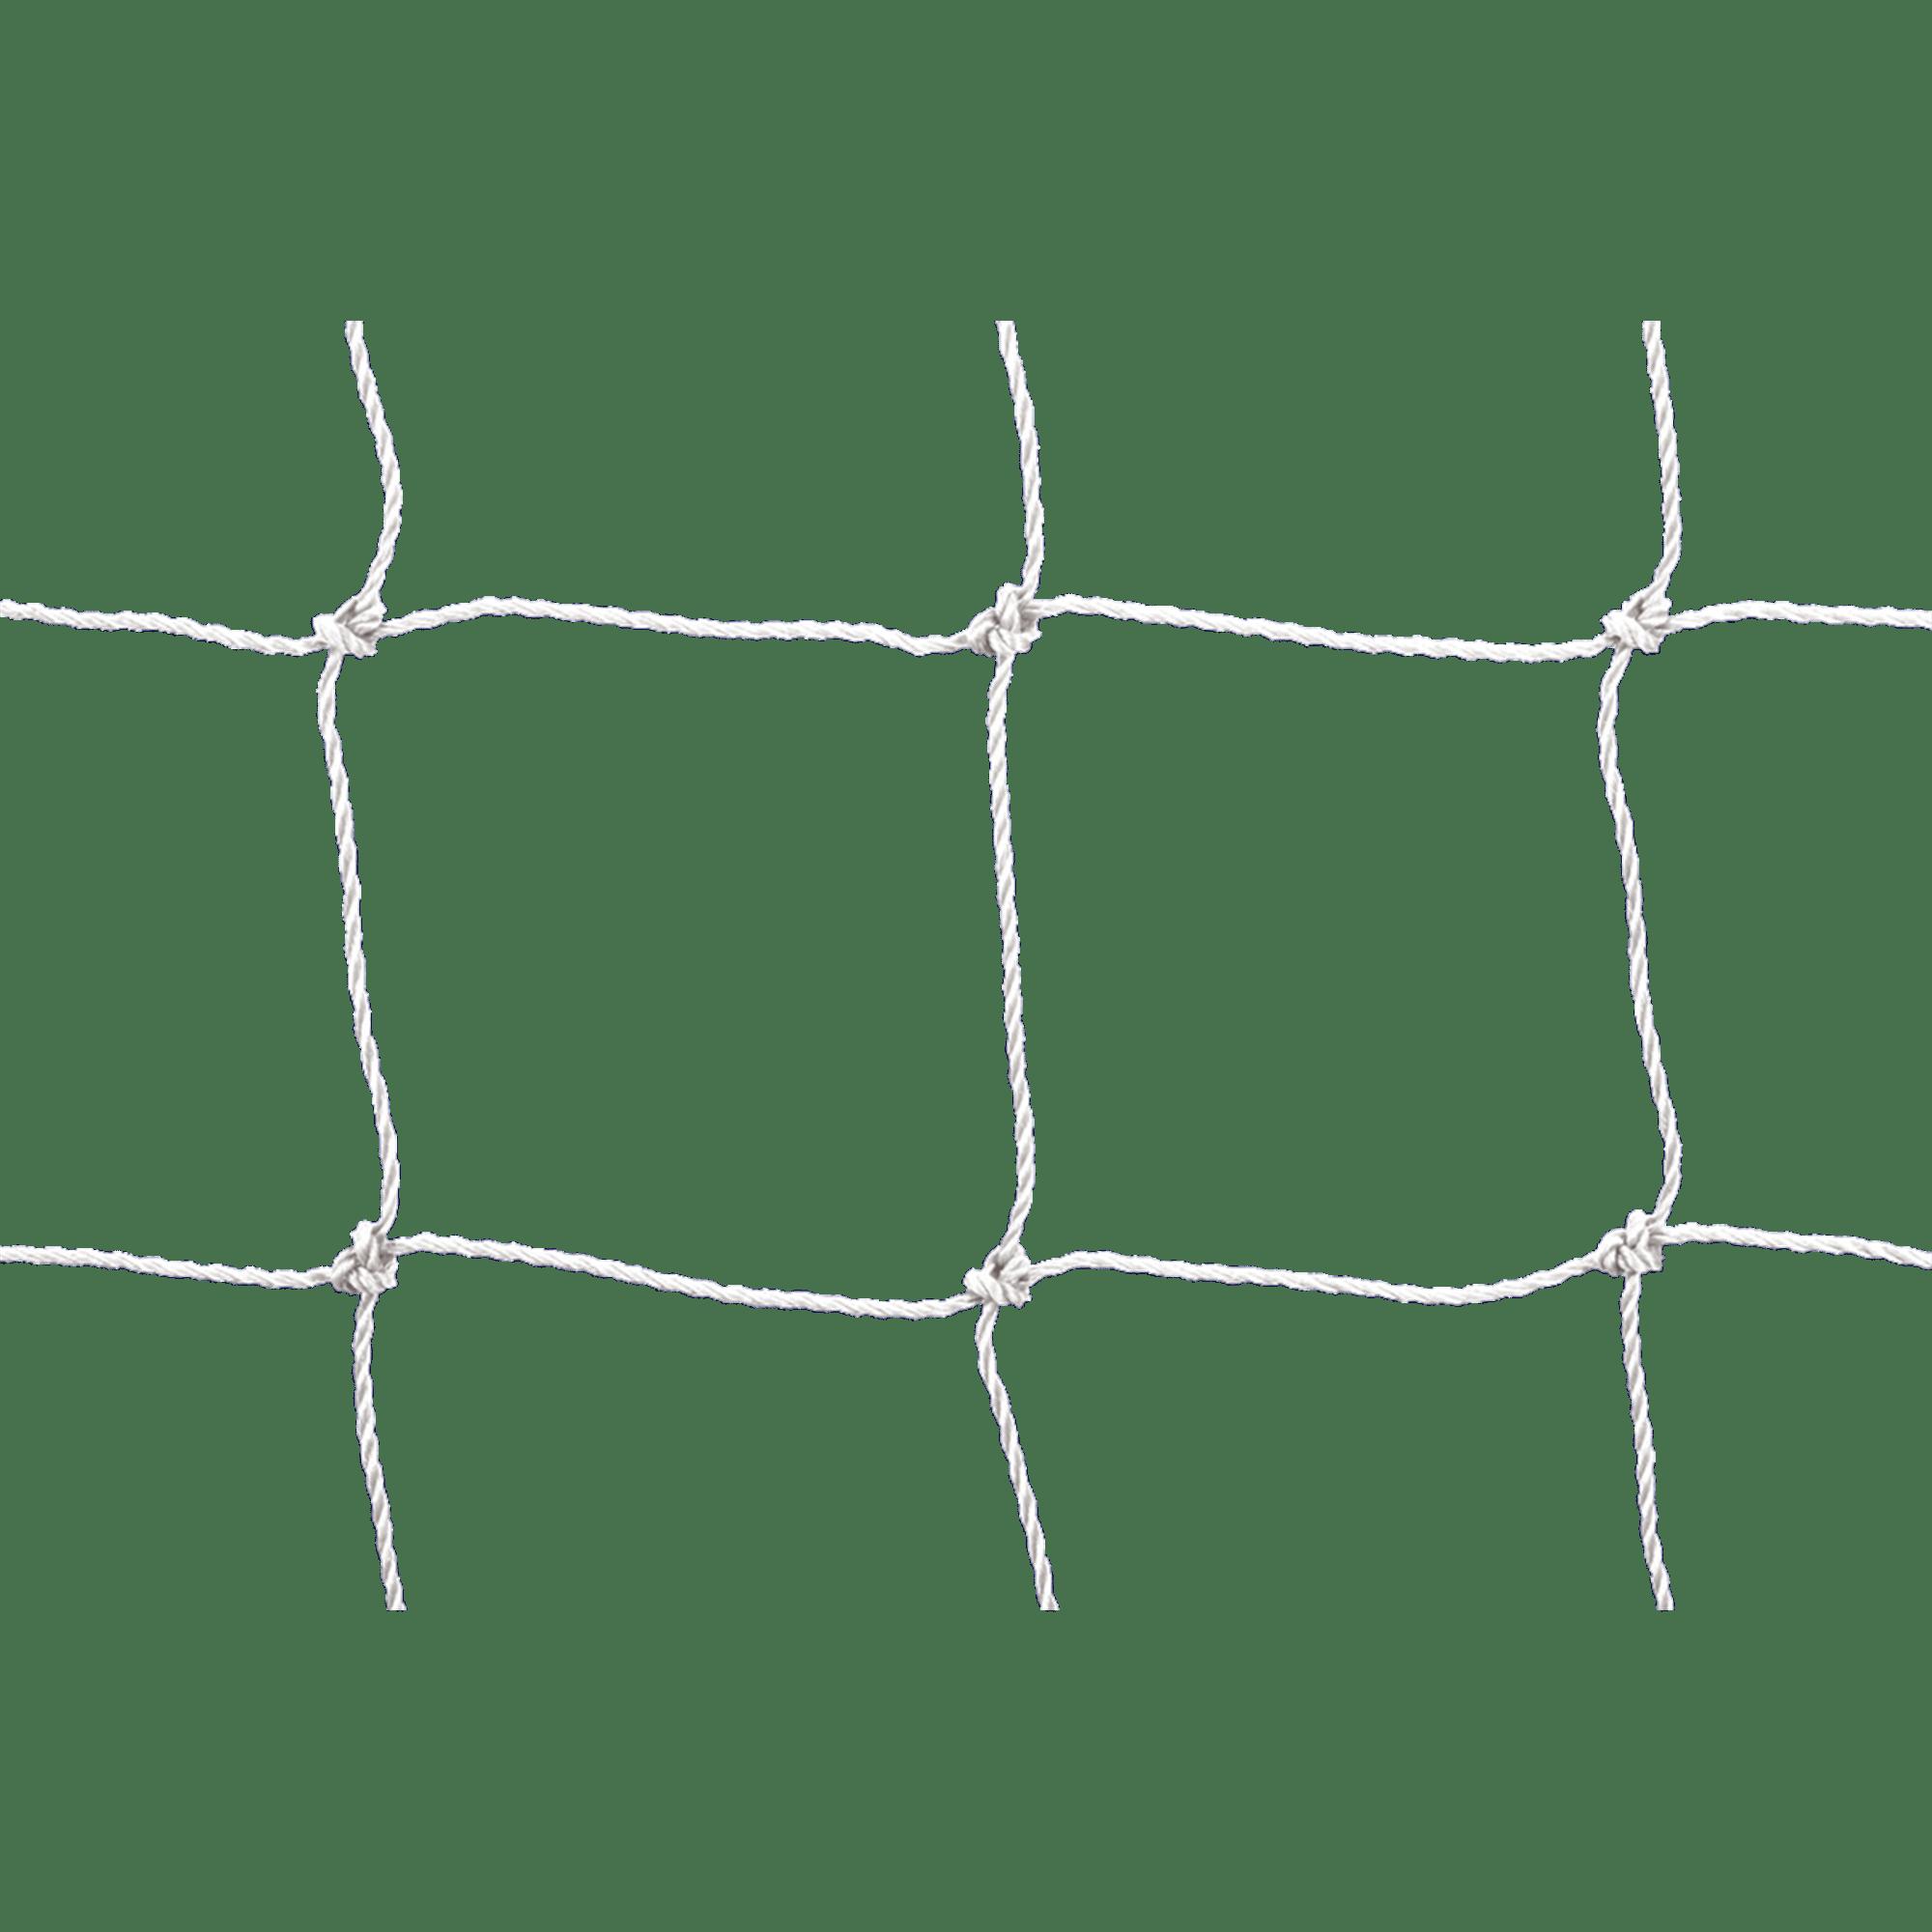 Futsal Net